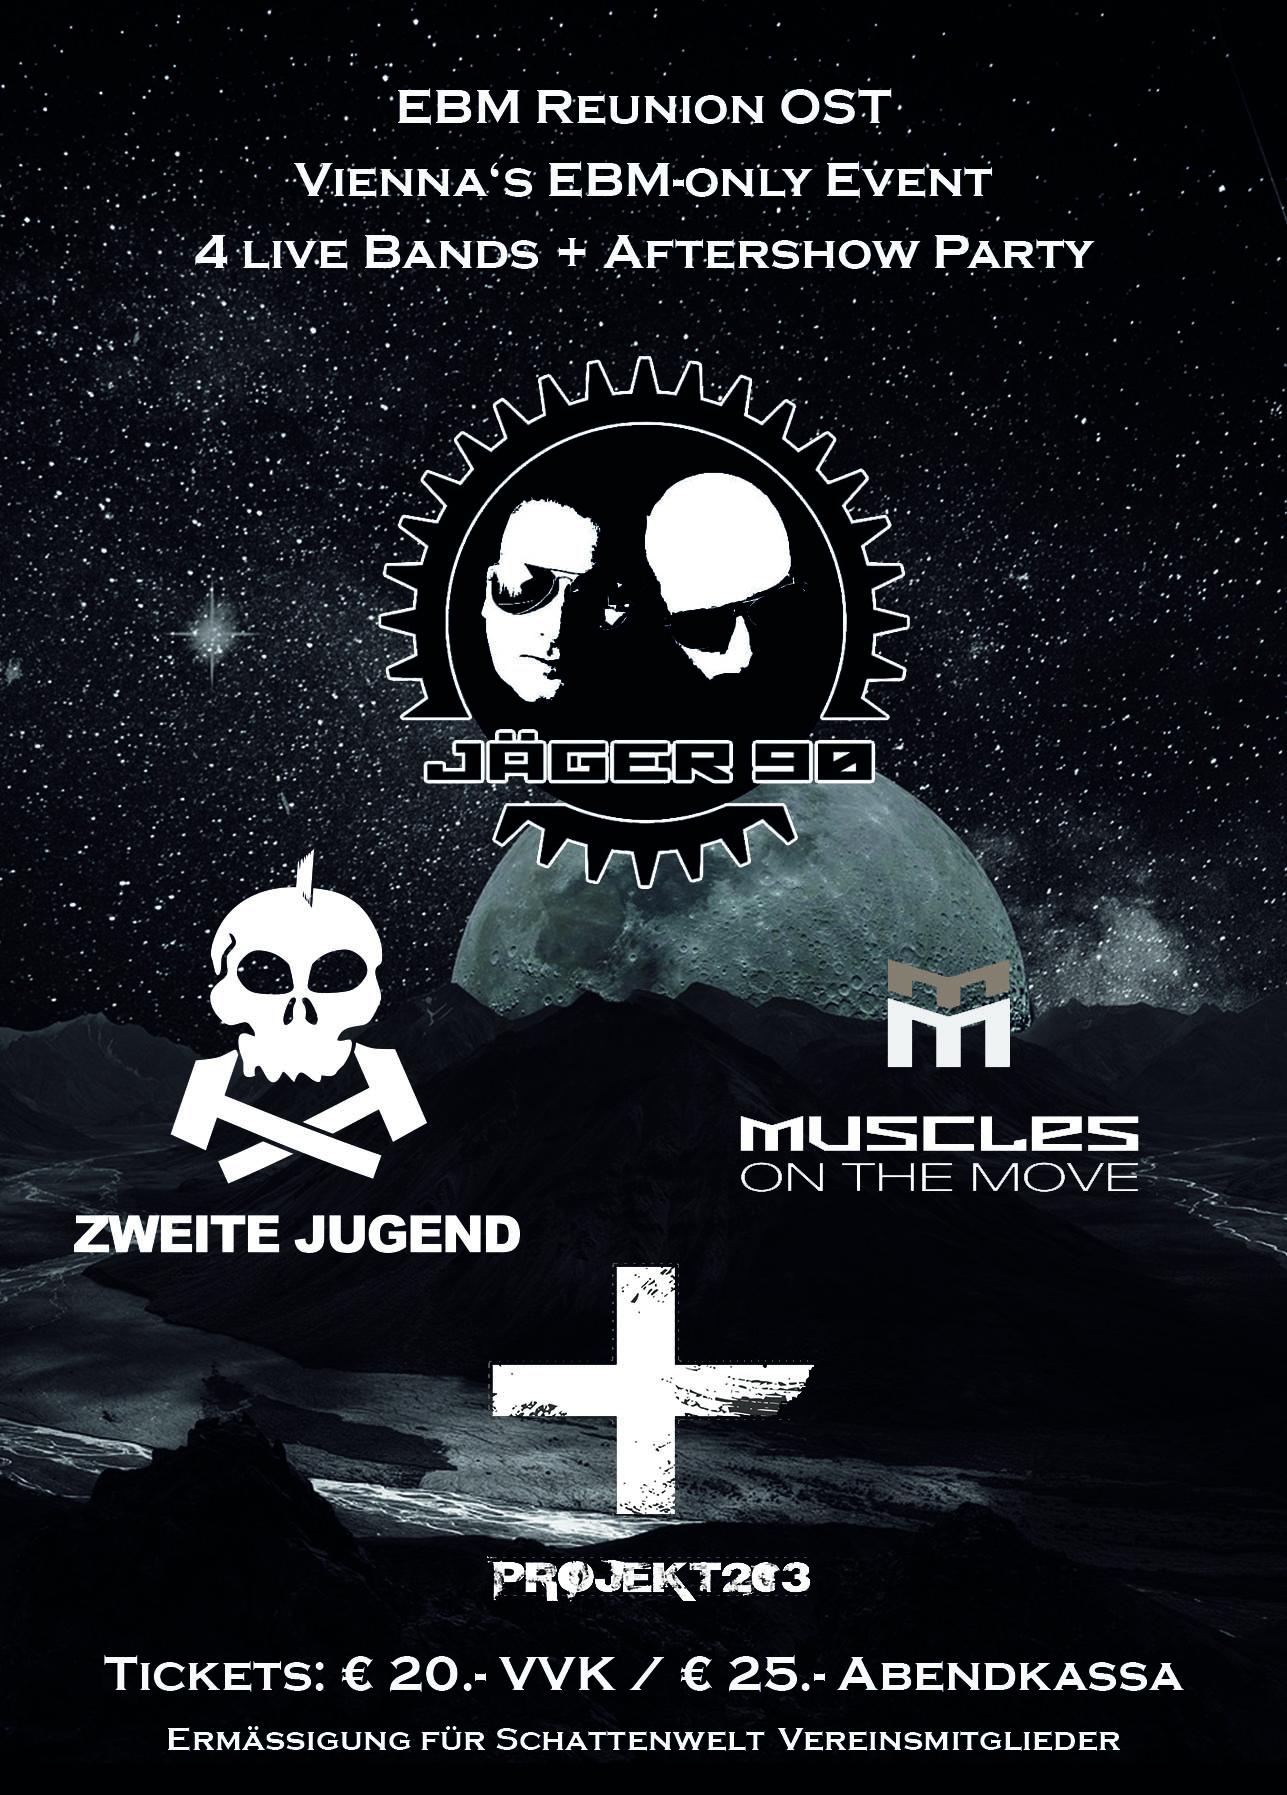 EBM Reunion OST - Neuer Termin!